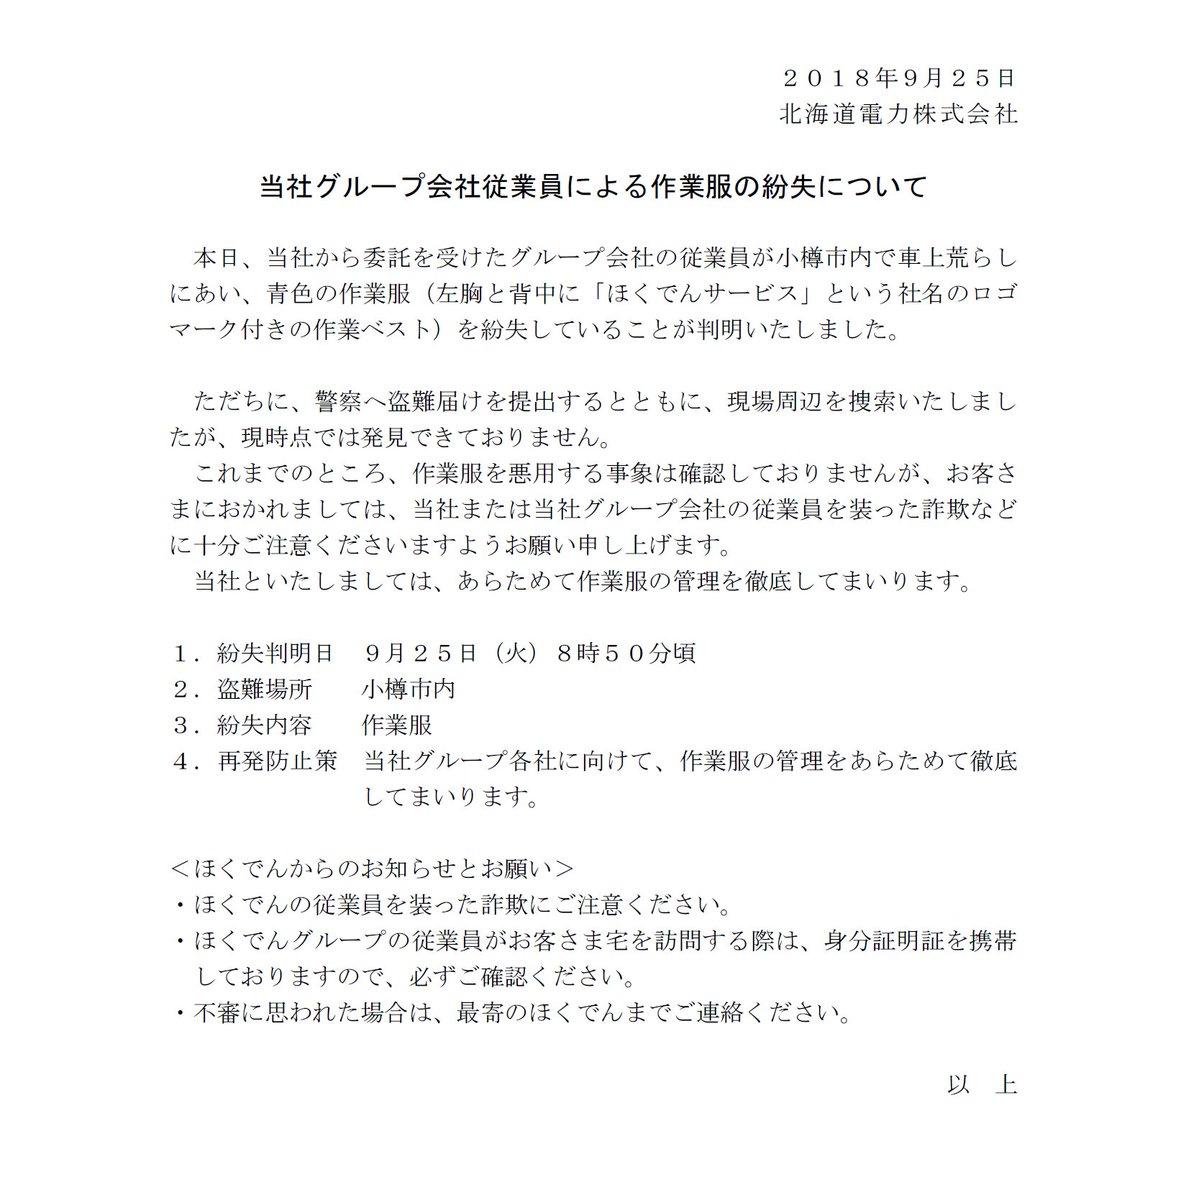 北海道電力株式会社さんの投稿画像